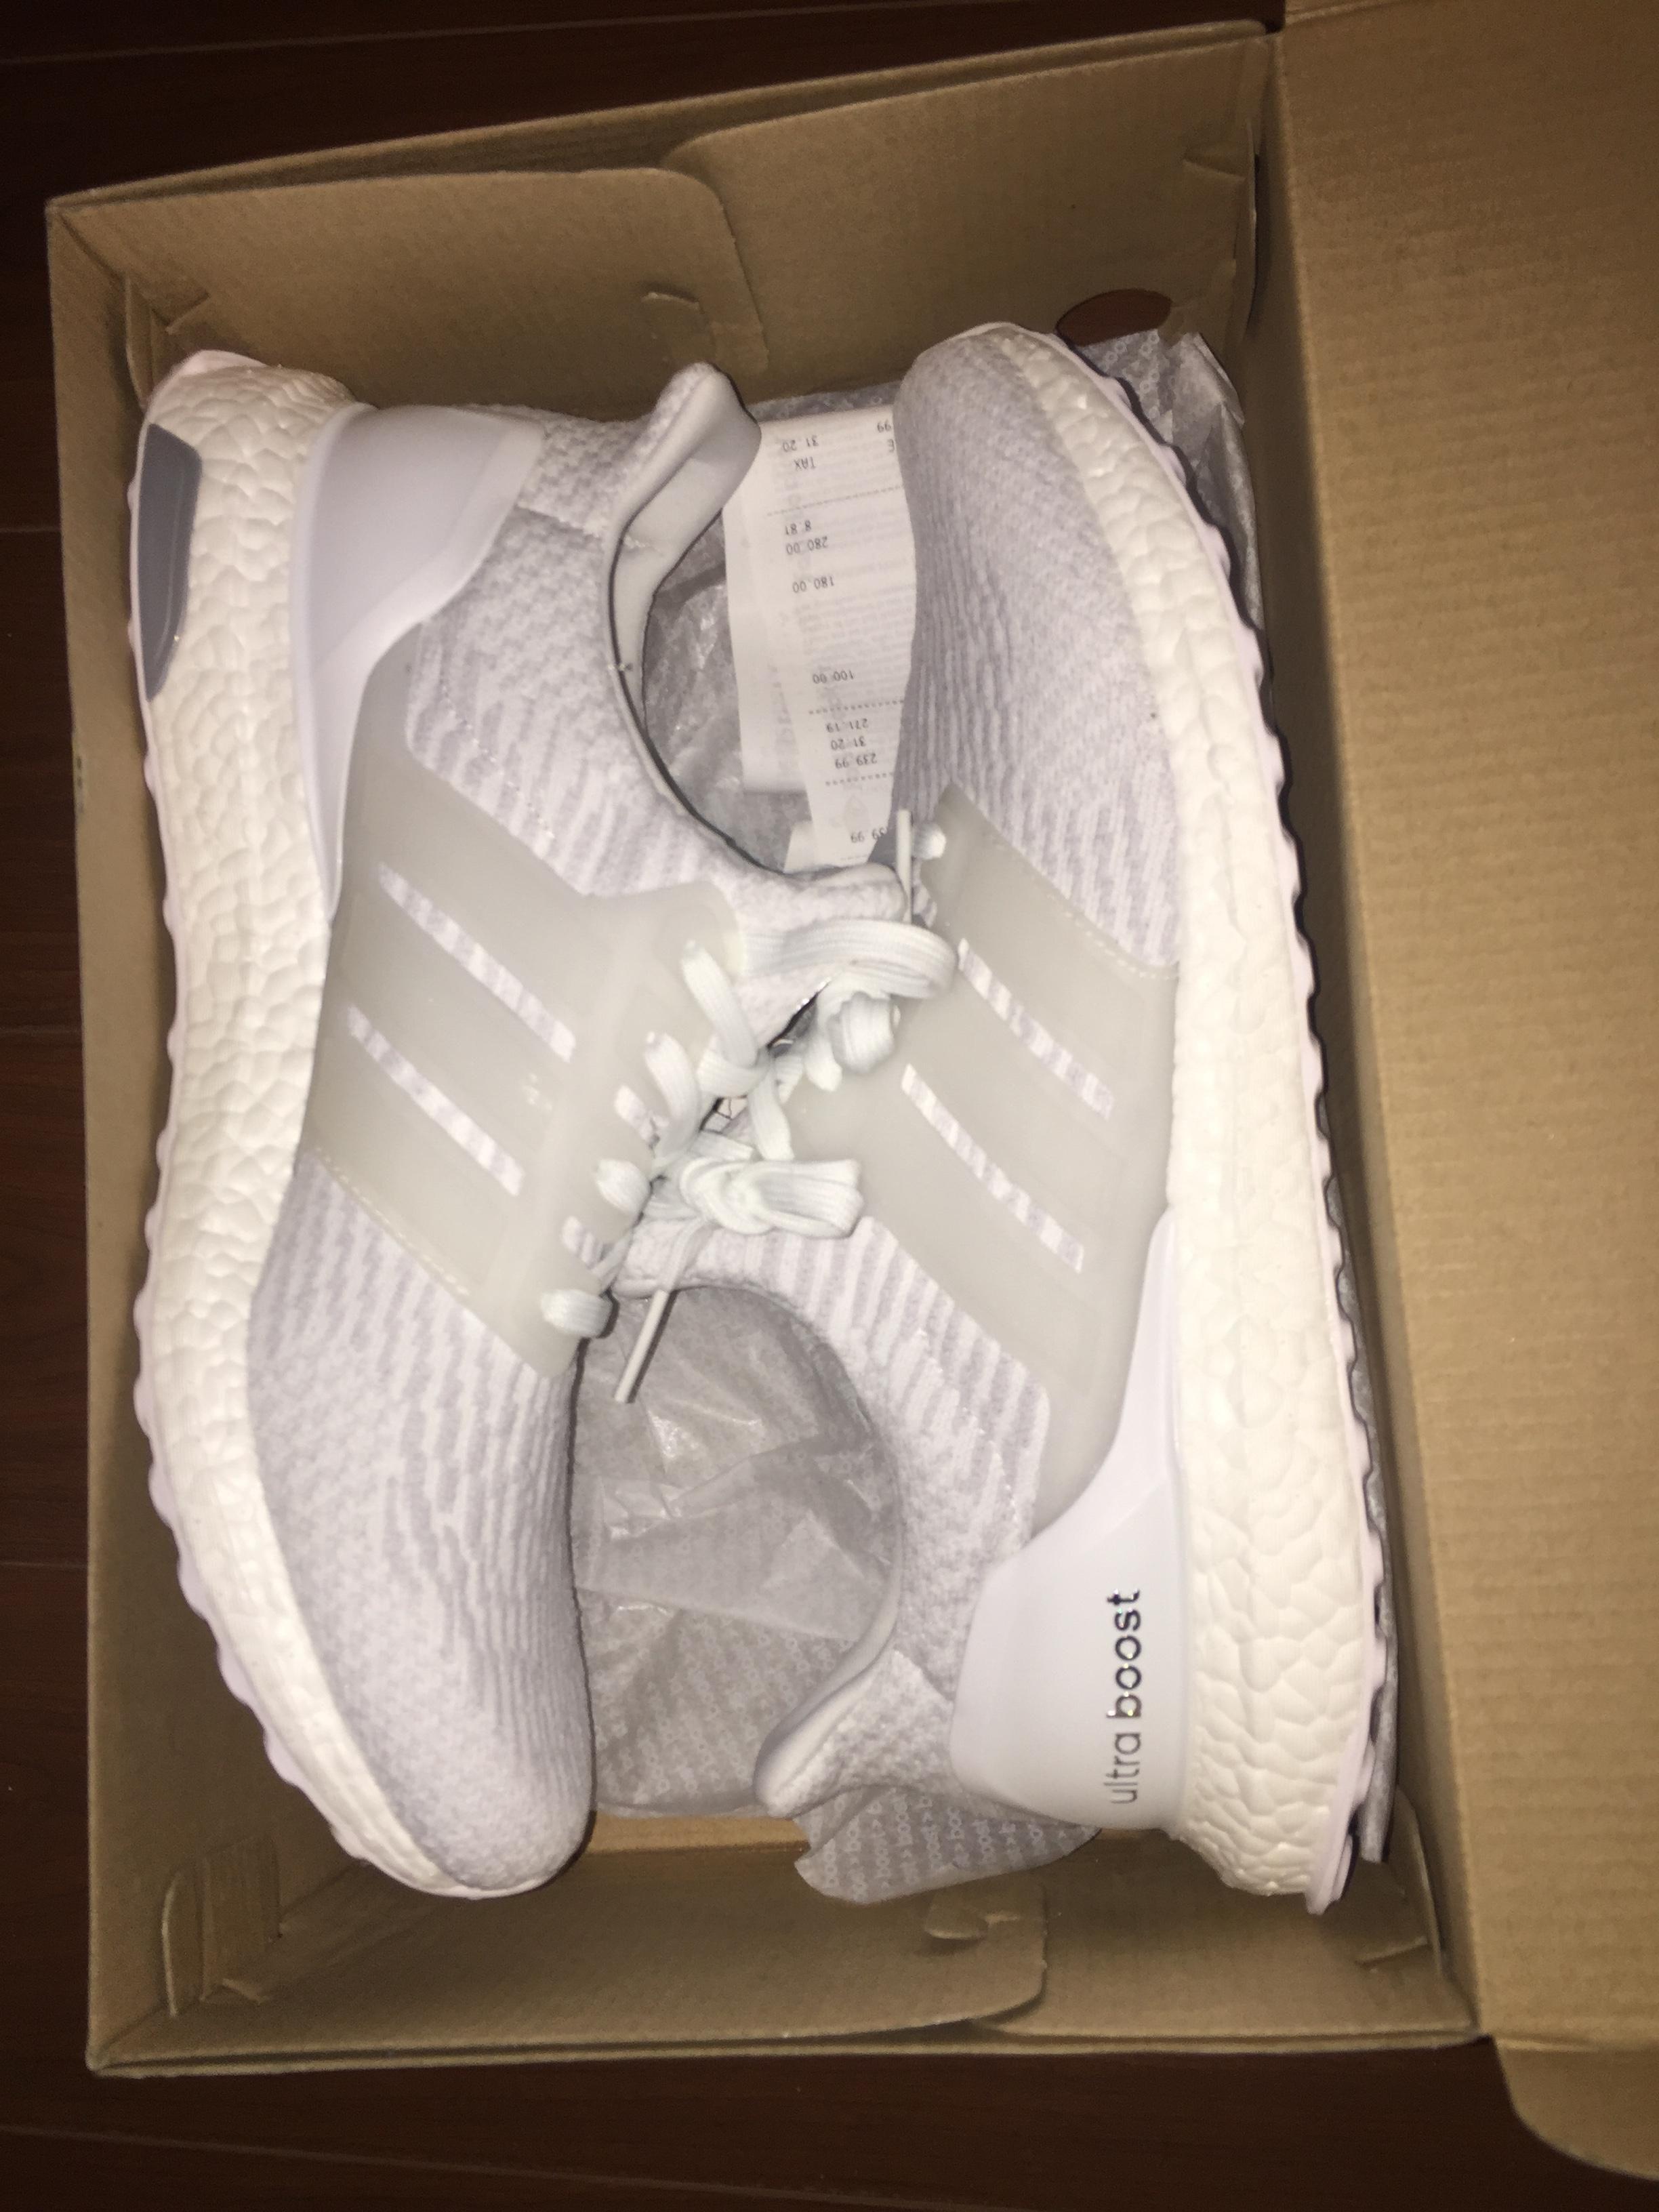 738efc6761 [Pickup] First pair of ub Somehow sitting at Footlocker. Footlocker, Nike  Sneakers